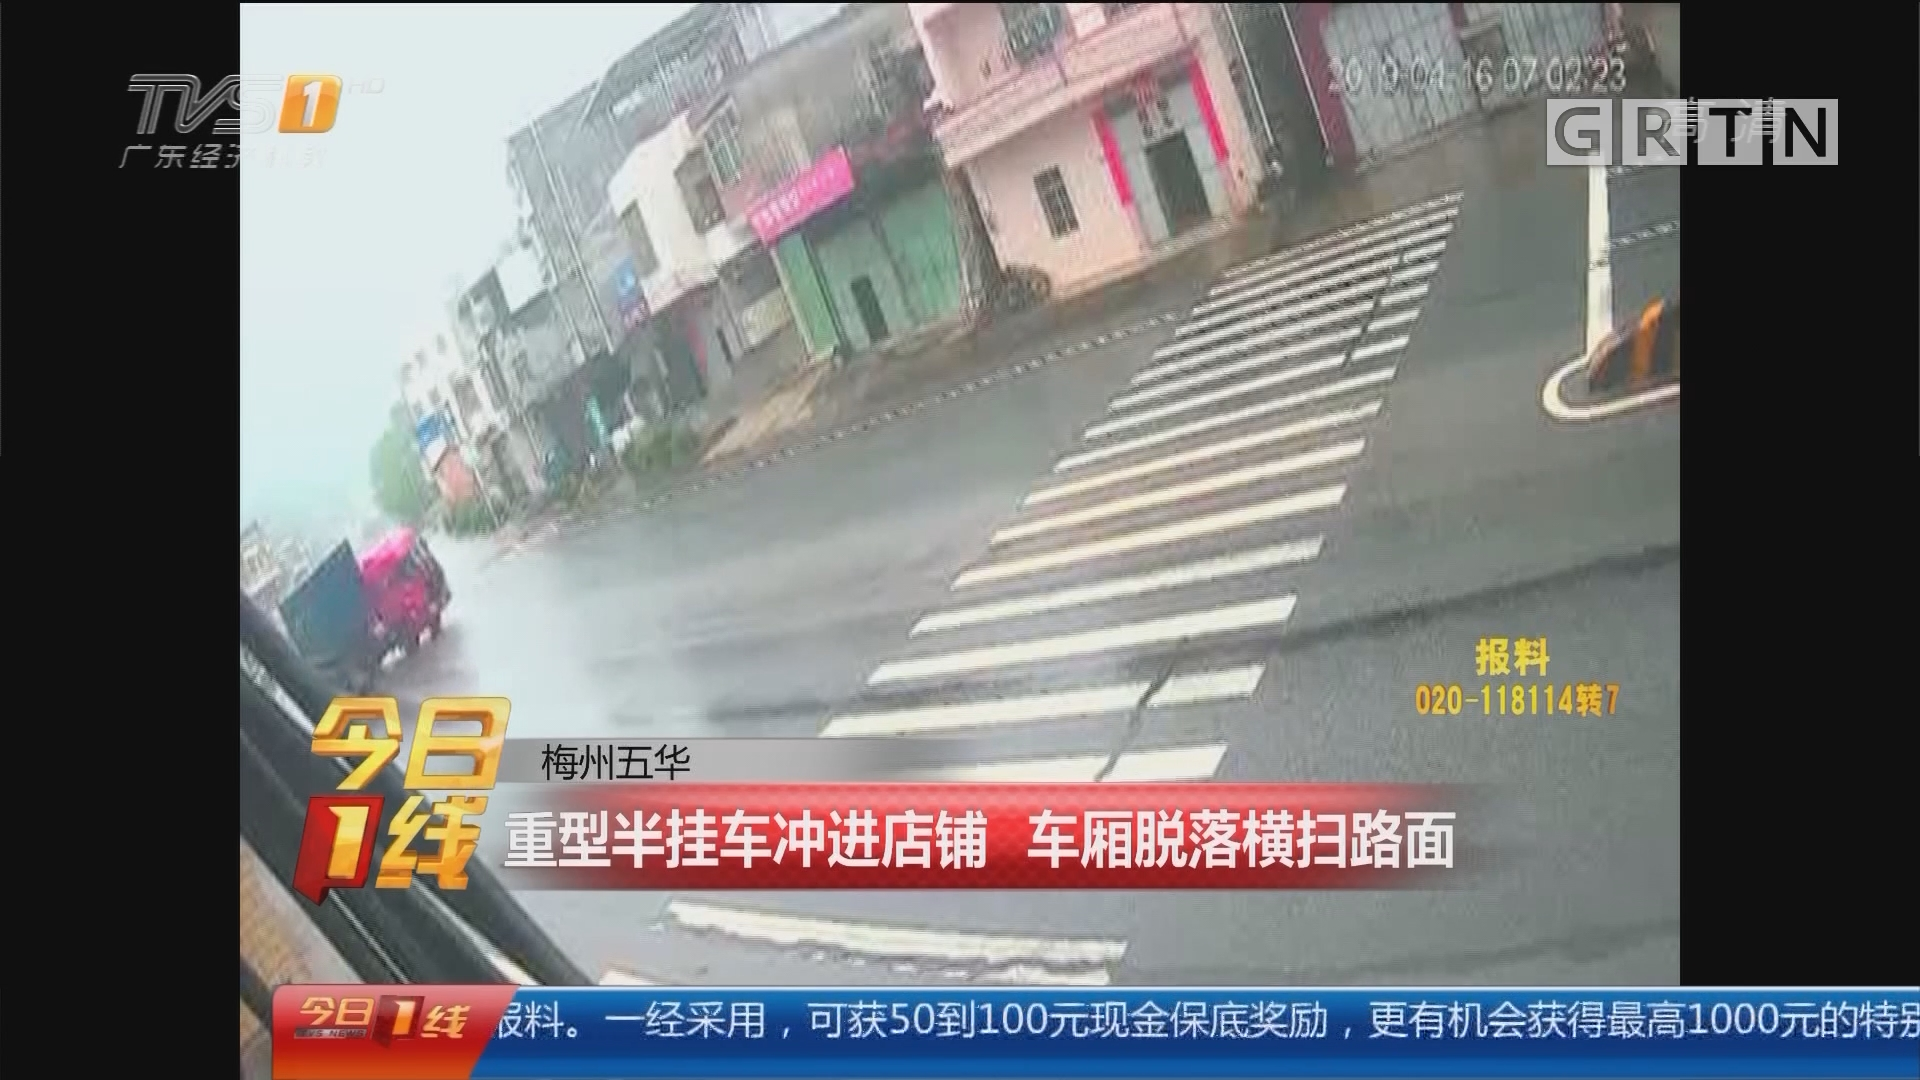 梅州五华:重型半挂车冲进店铺 车厢脱落横扫路面